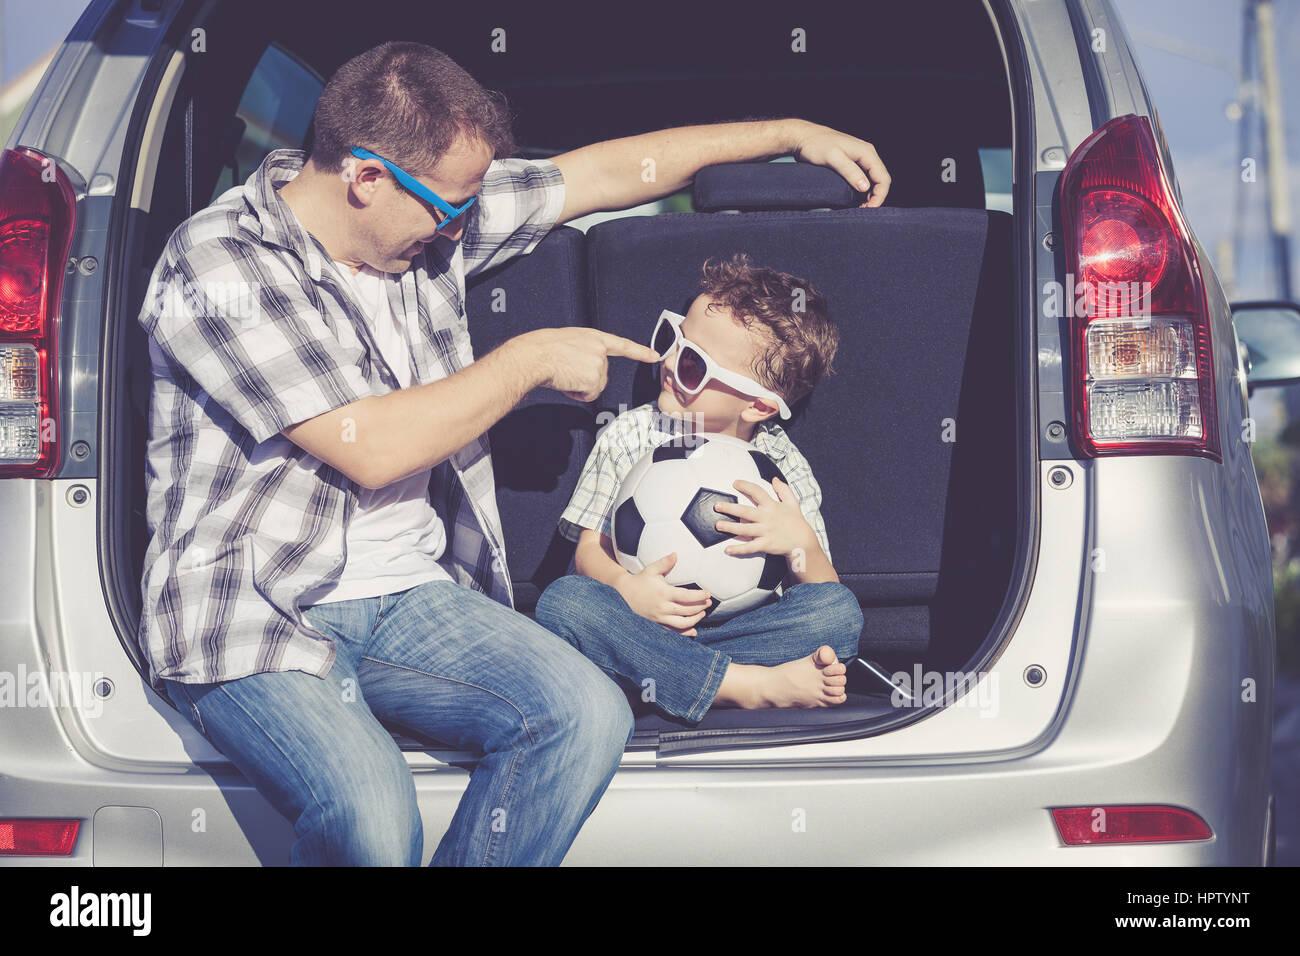 Felice padre e figlio di ottenere pronto per il viaggio su strada in una giornata di sole. Concetto di famiglia Immagini Stock